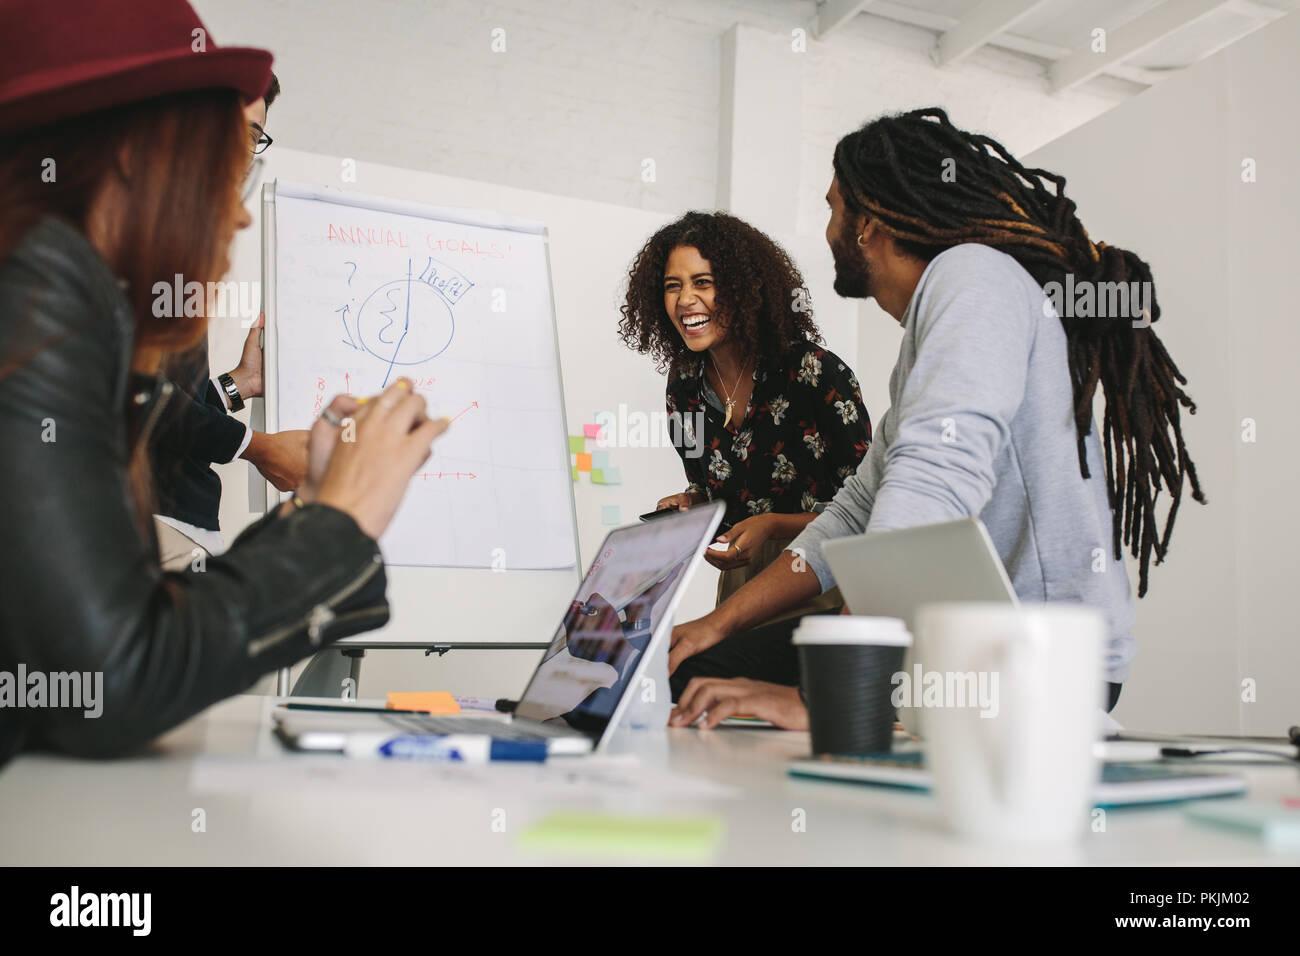 Des collègues s'amusant lors d'une réunion de bureau. Discuter des plans d'affaires des entrepreneurs sur un tableau de bord dans la salle de réunion. Photo Stock